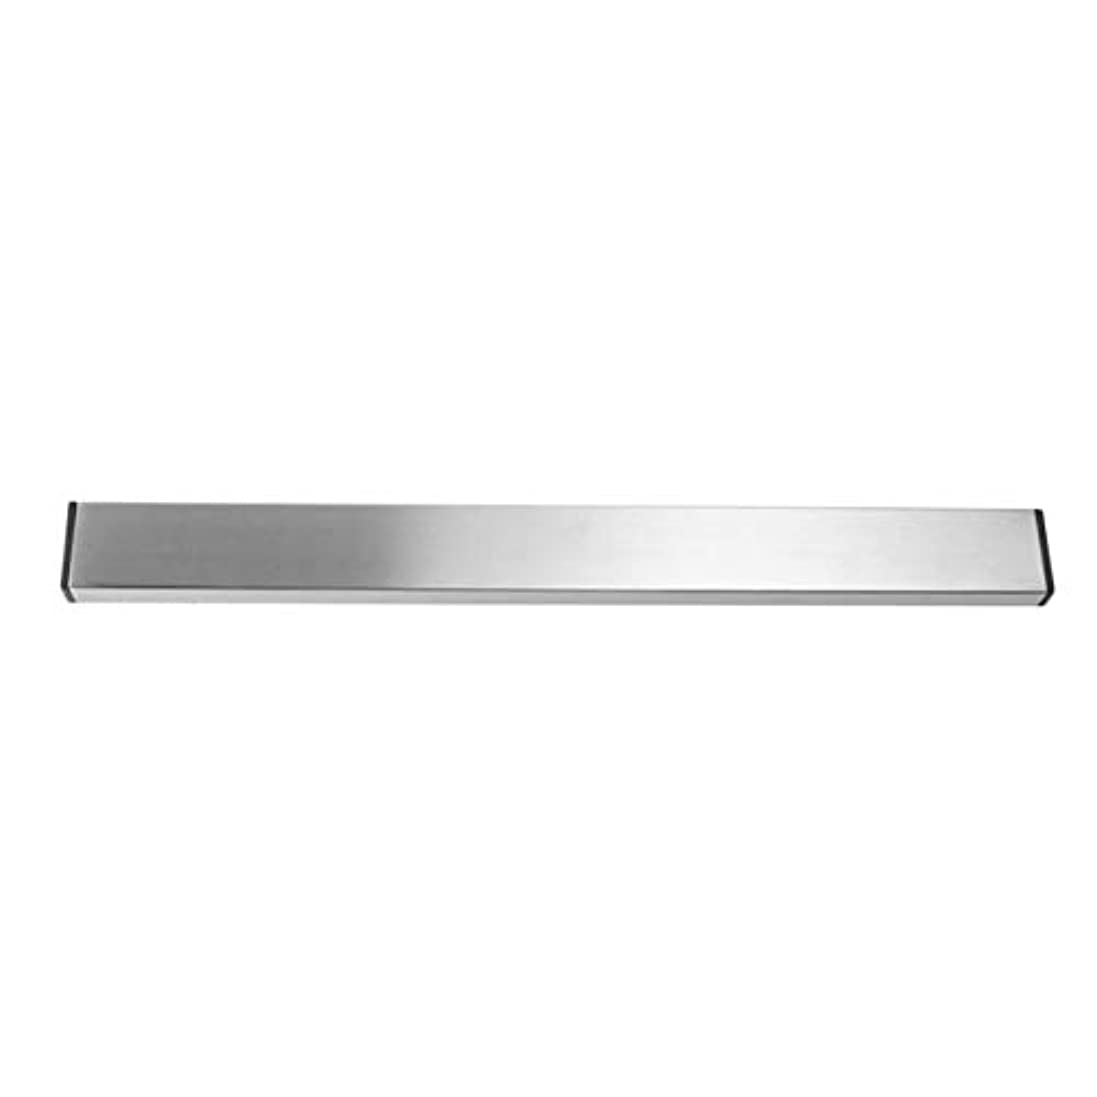 Saikogoods 実用的なホーム台所の壁マウントされた磁気ナイフホルダー耐久性のあるステンレススチール簡単に保存ナイフは台所用具ラック 銀 M